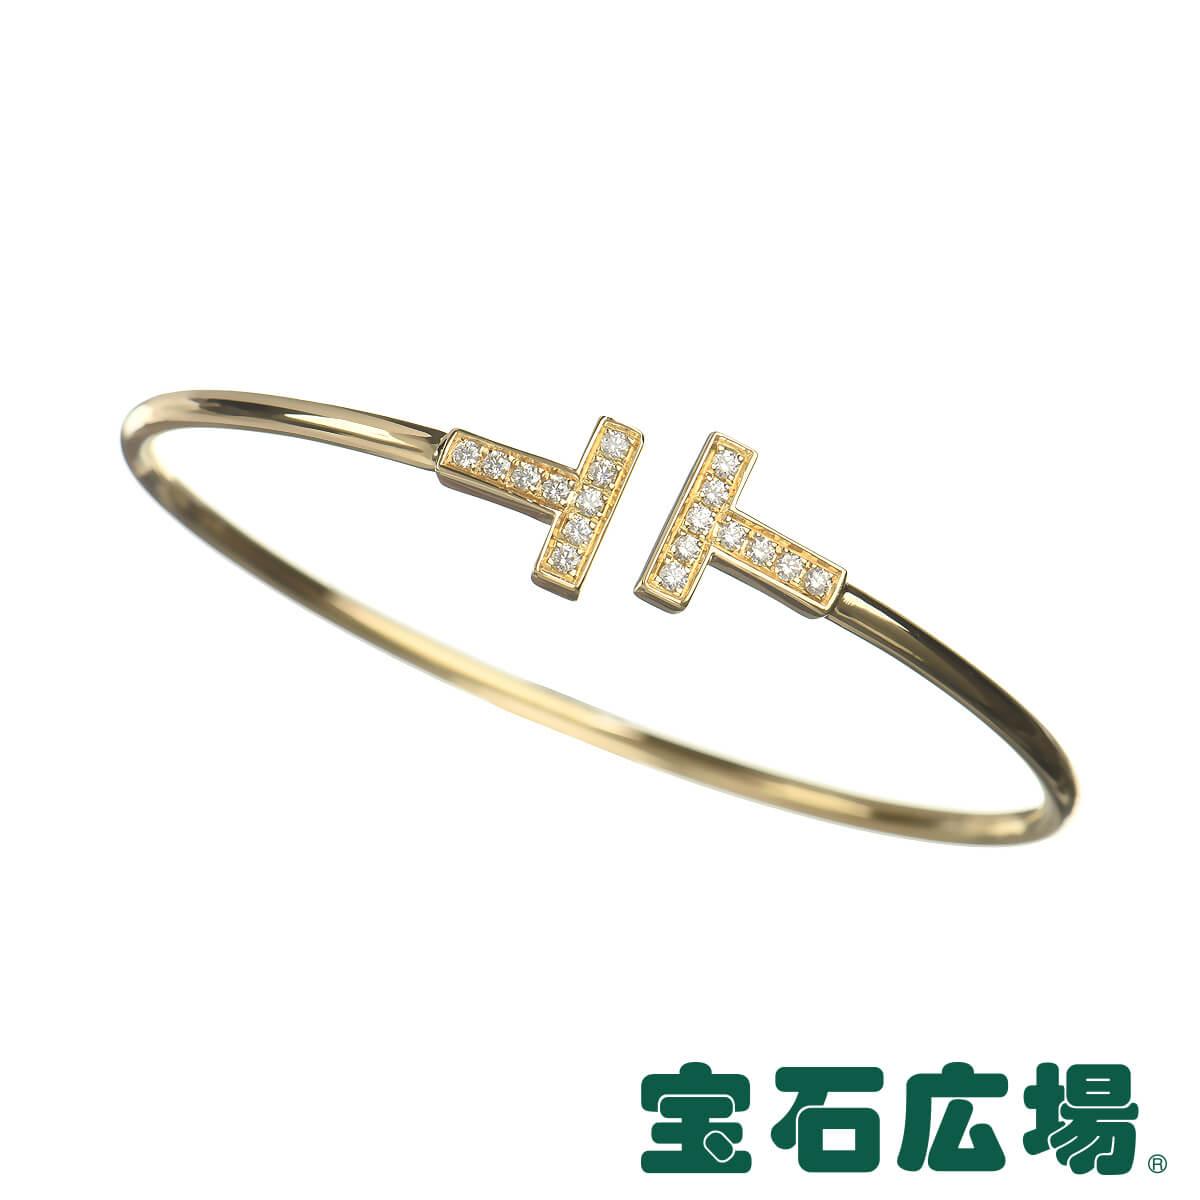 ティファニー TIFFANY&CO Tワイヤー ダイヤ ブレスレット (M) 33263481【中古】 ジュエリー 送料無料